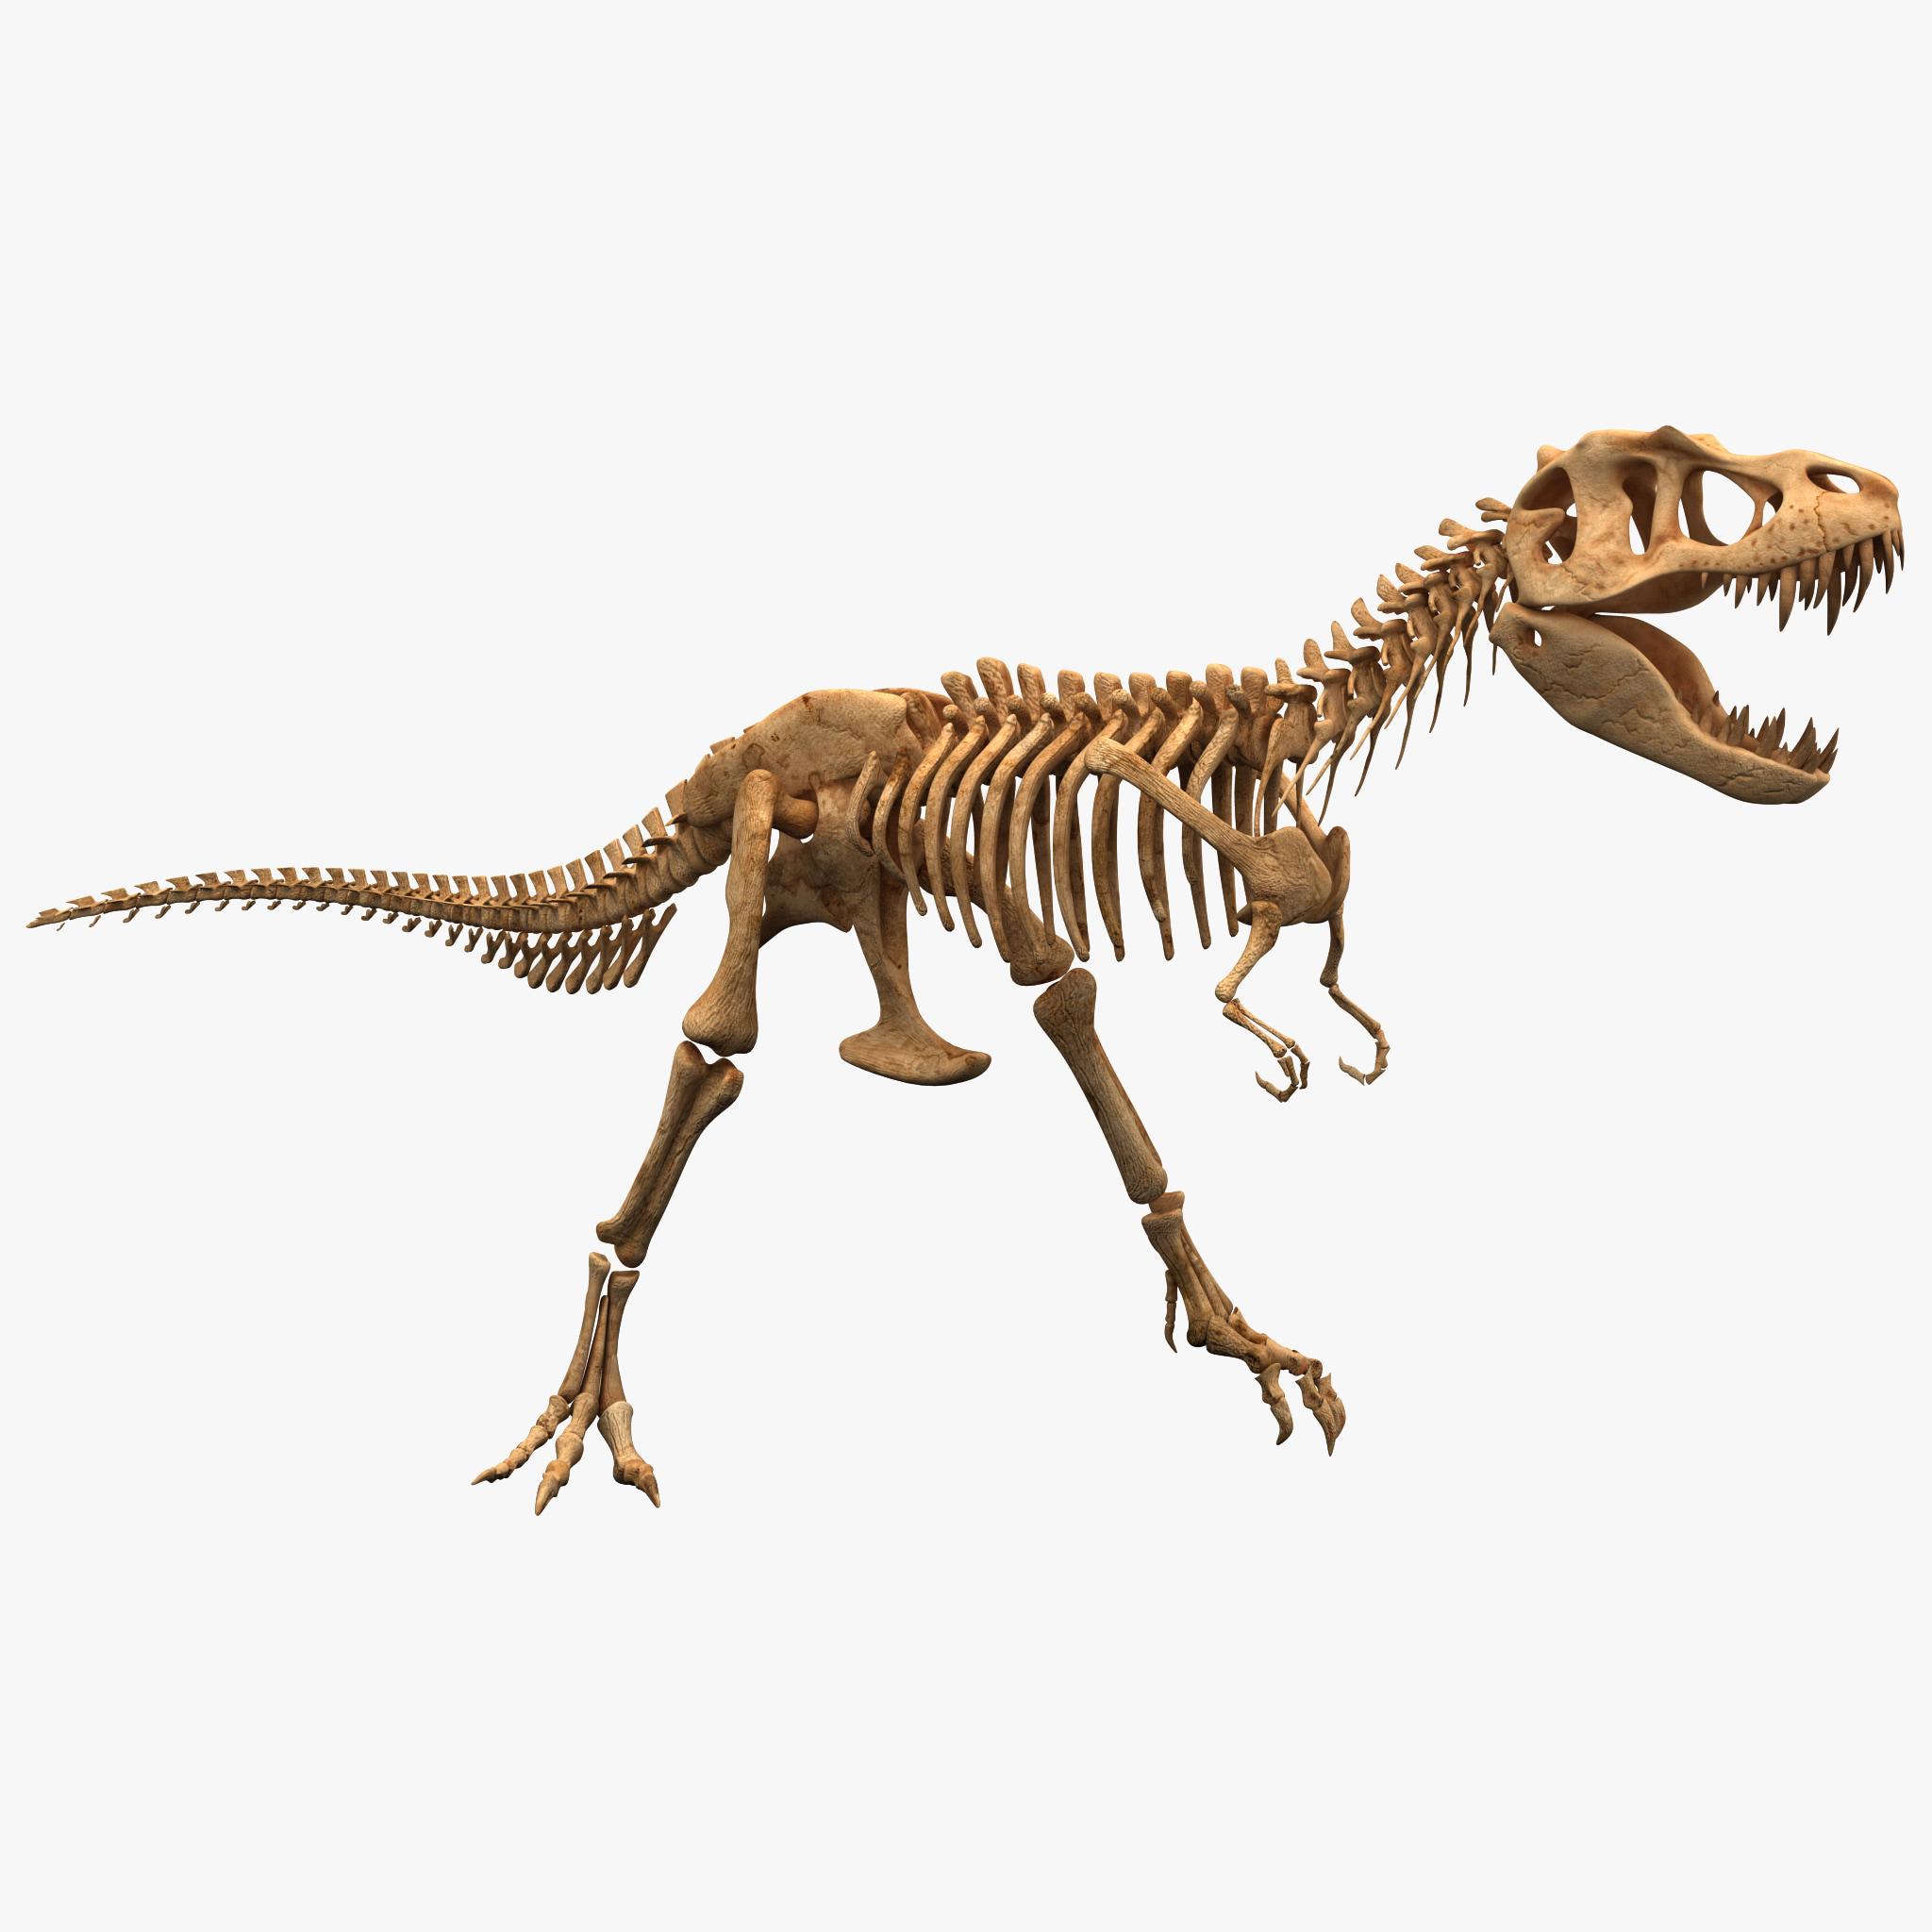 Dinosaur T-rex Bones 2_1.jpg